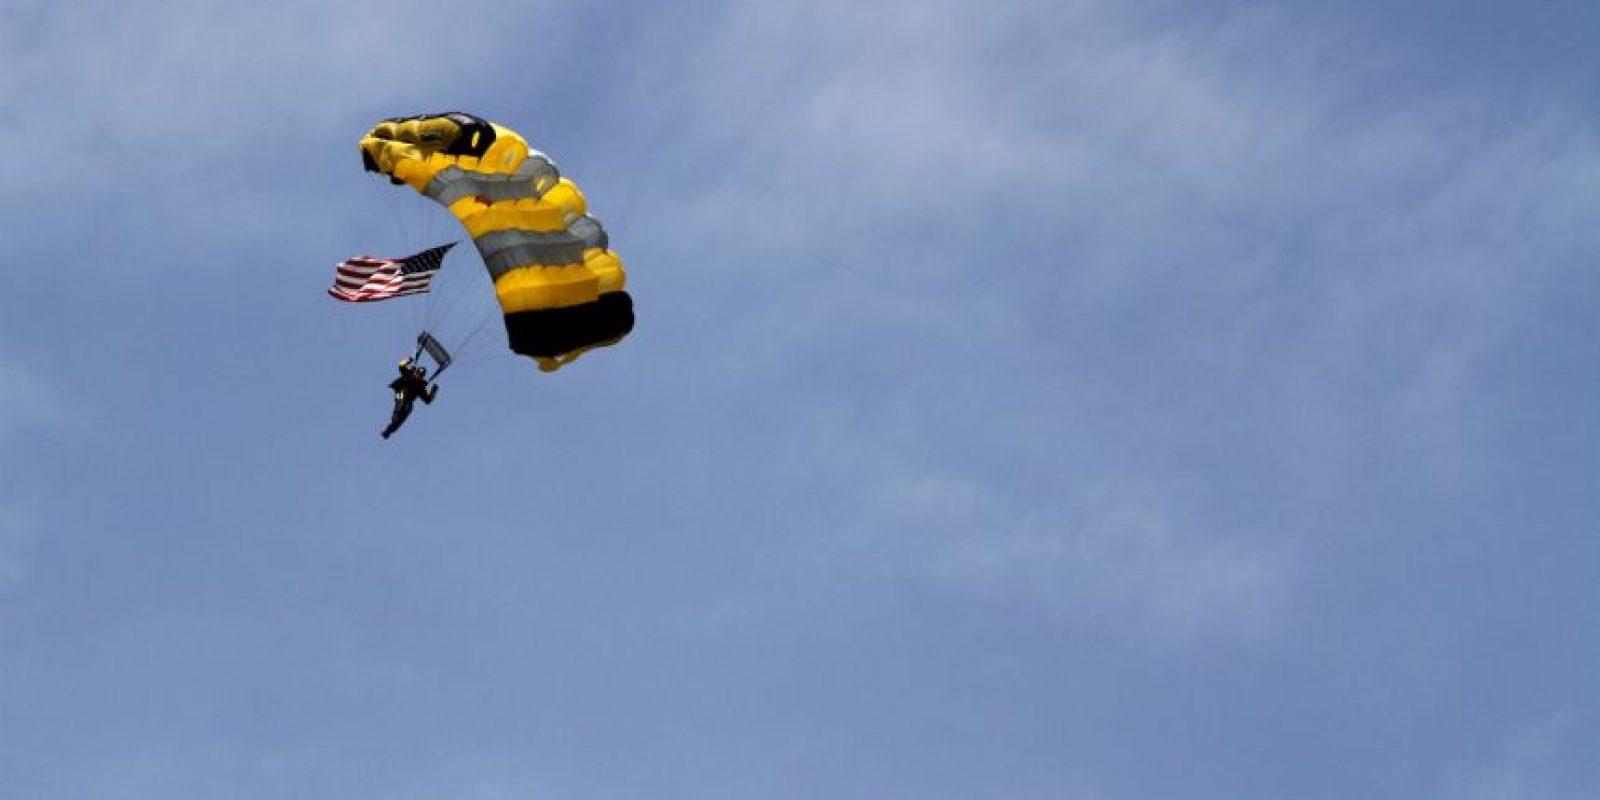 Resuelva todas sus preguntas antes de saltar para que tenga la confianza necesaria Foto:Getty Images